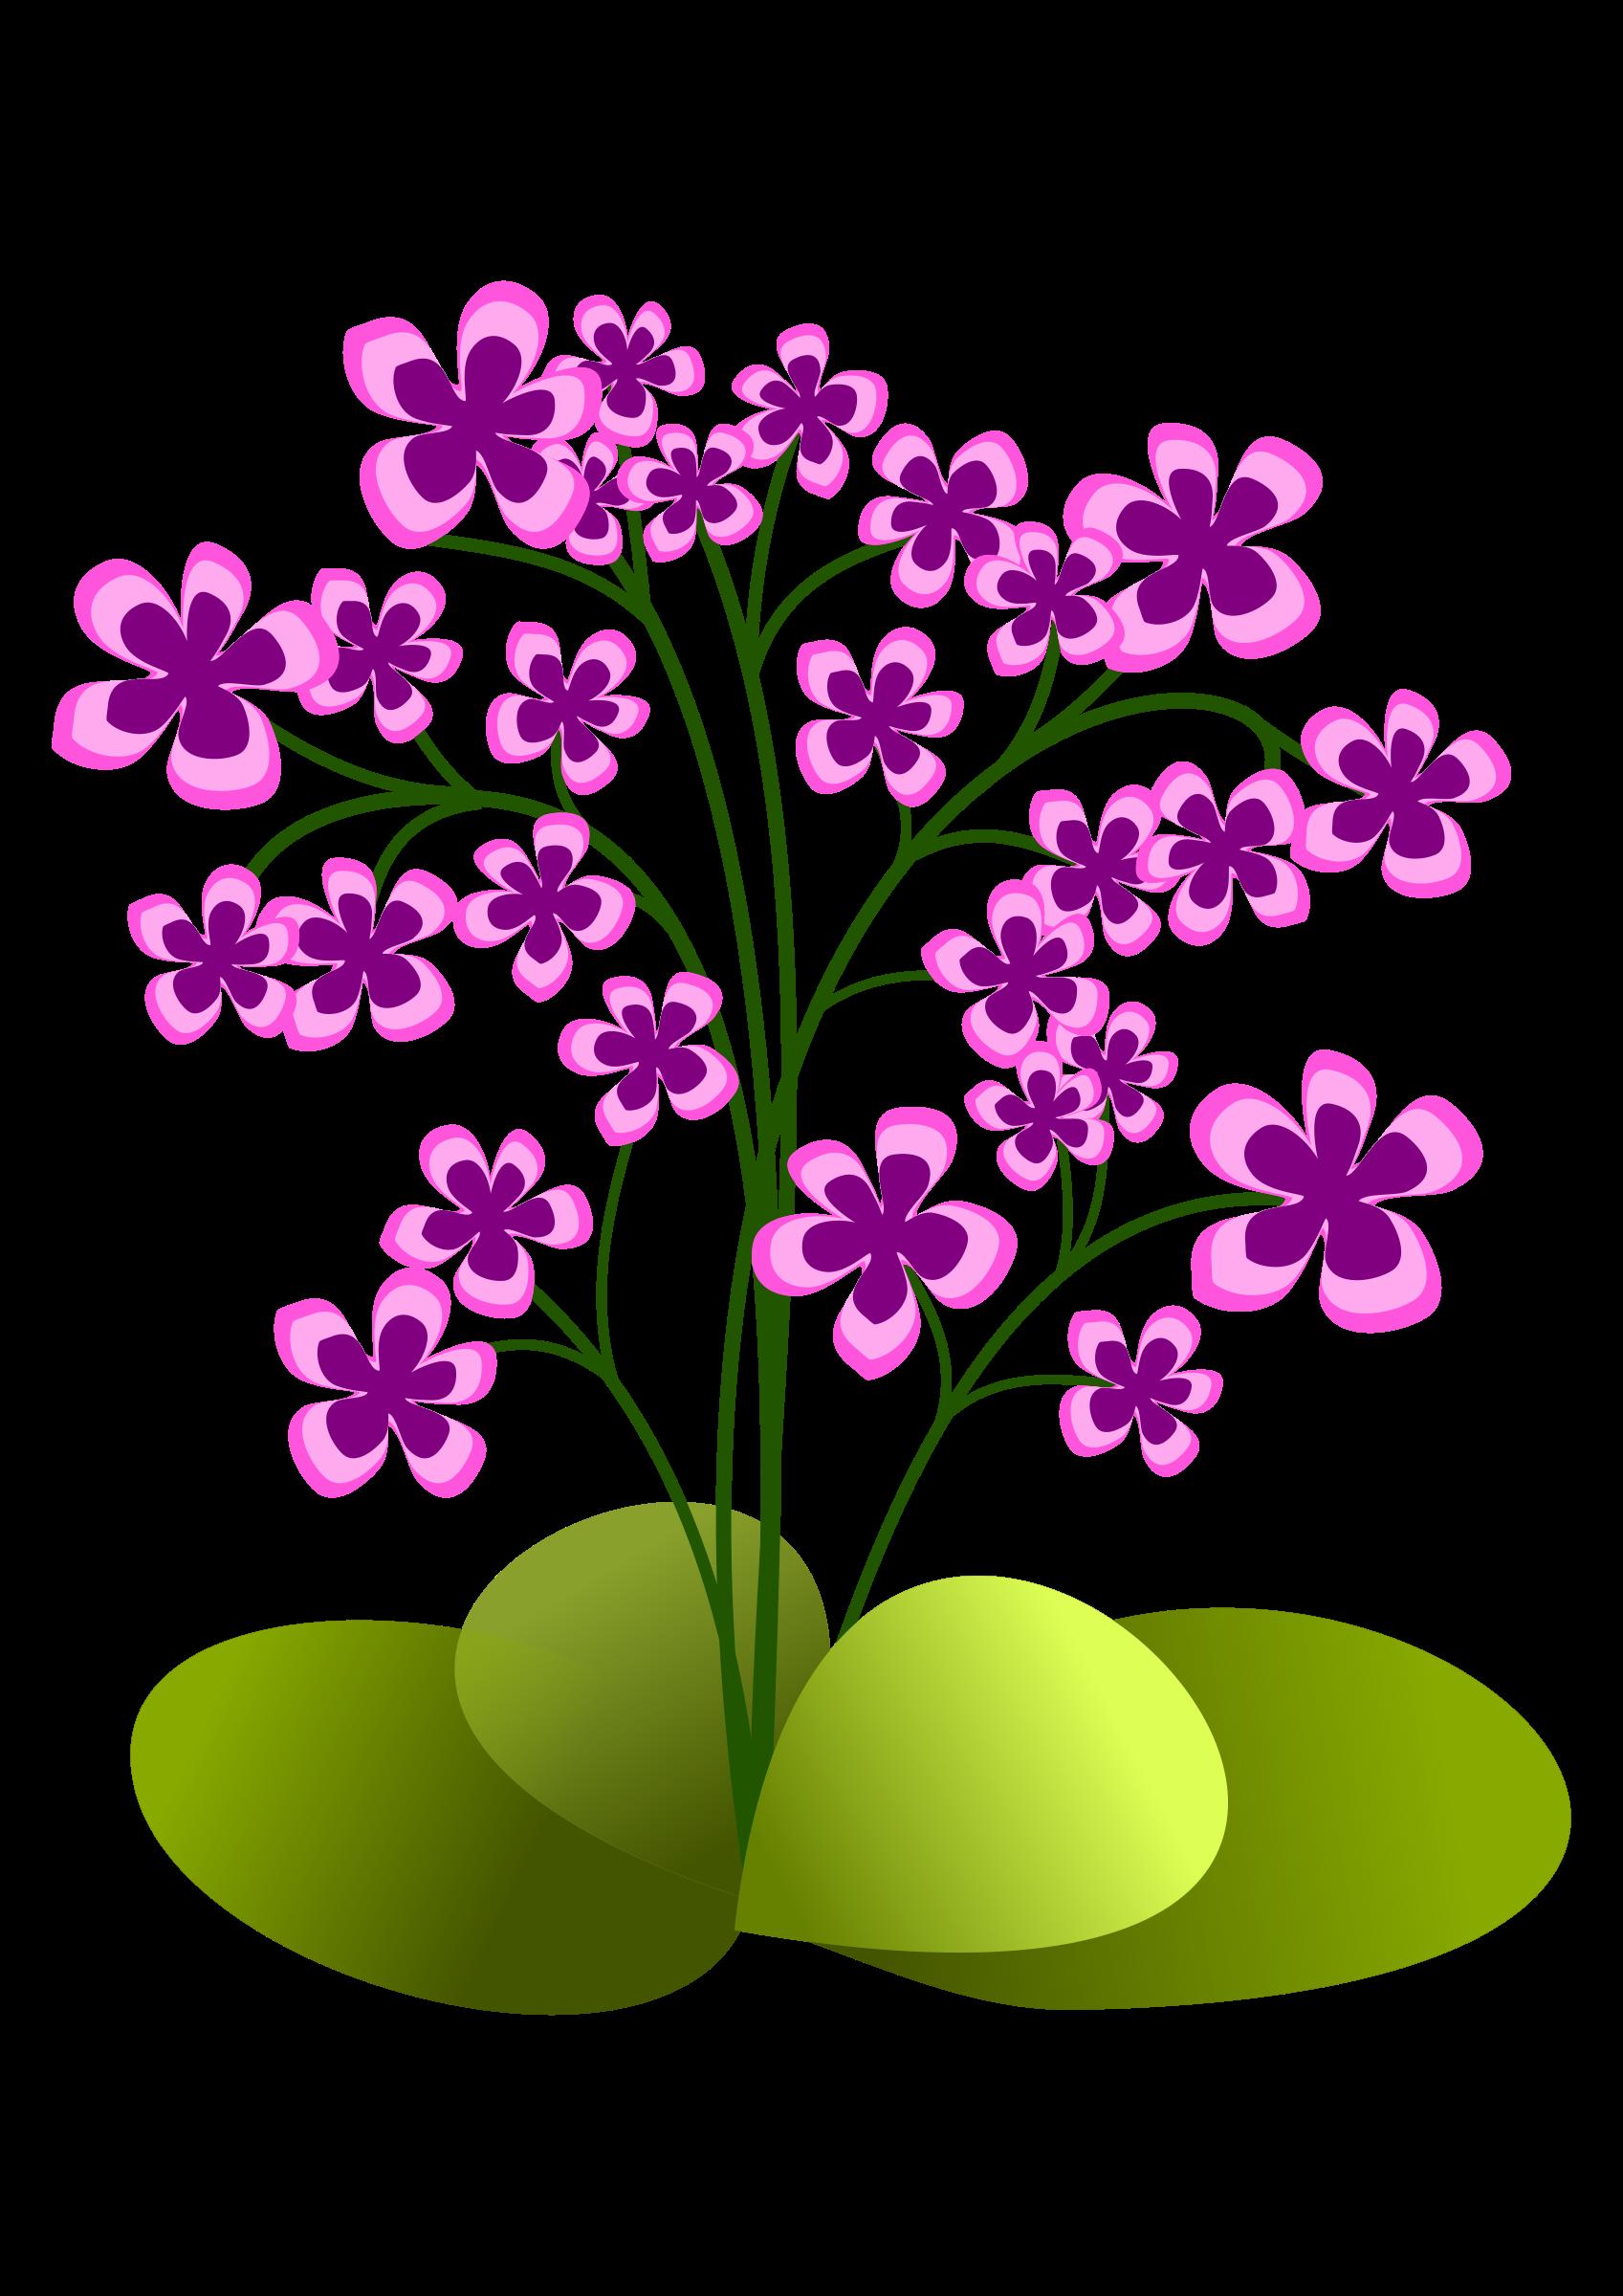 Garden flower clipart jpg library library Clipart - Small flowers jpg library library